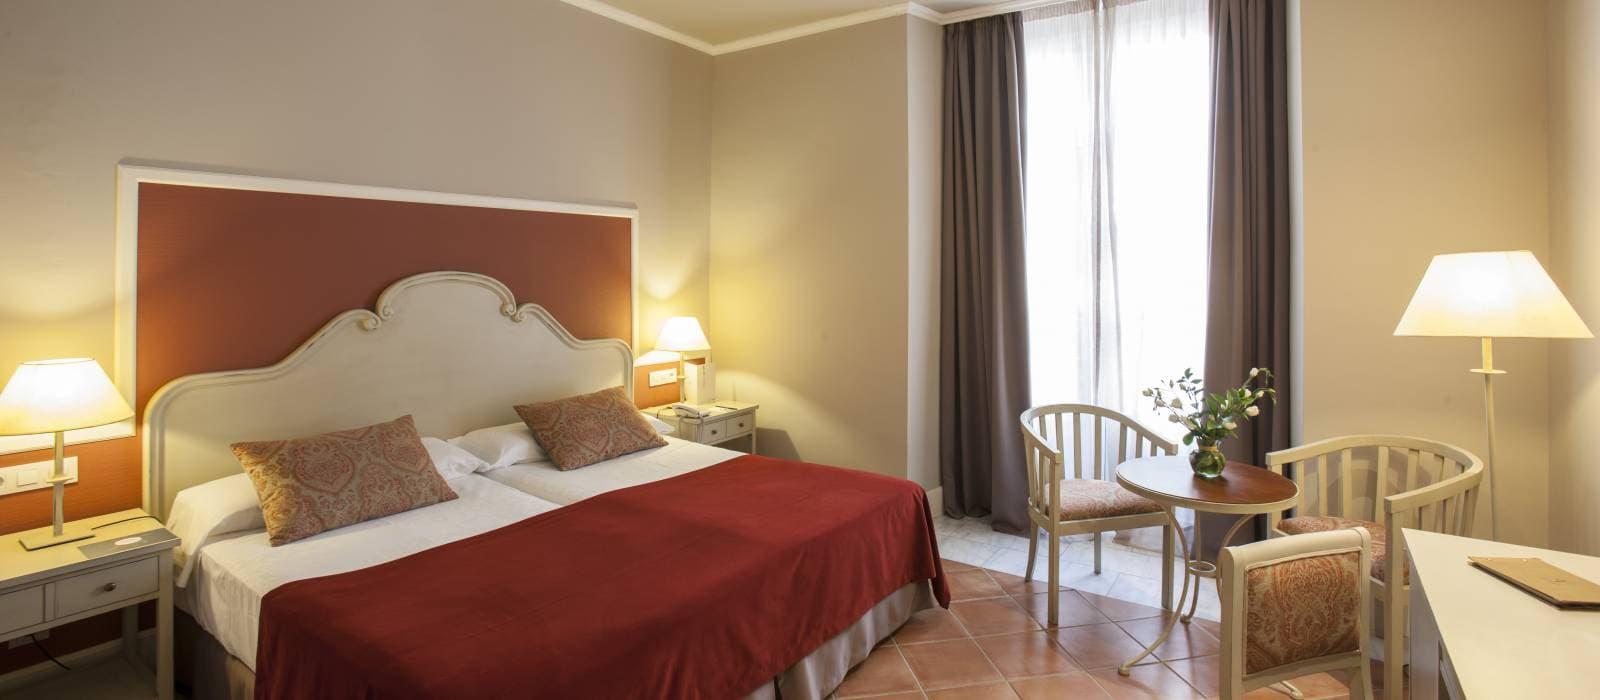 Hoteles Vincci. Hotel Vincci La Rábida Siviglia centro